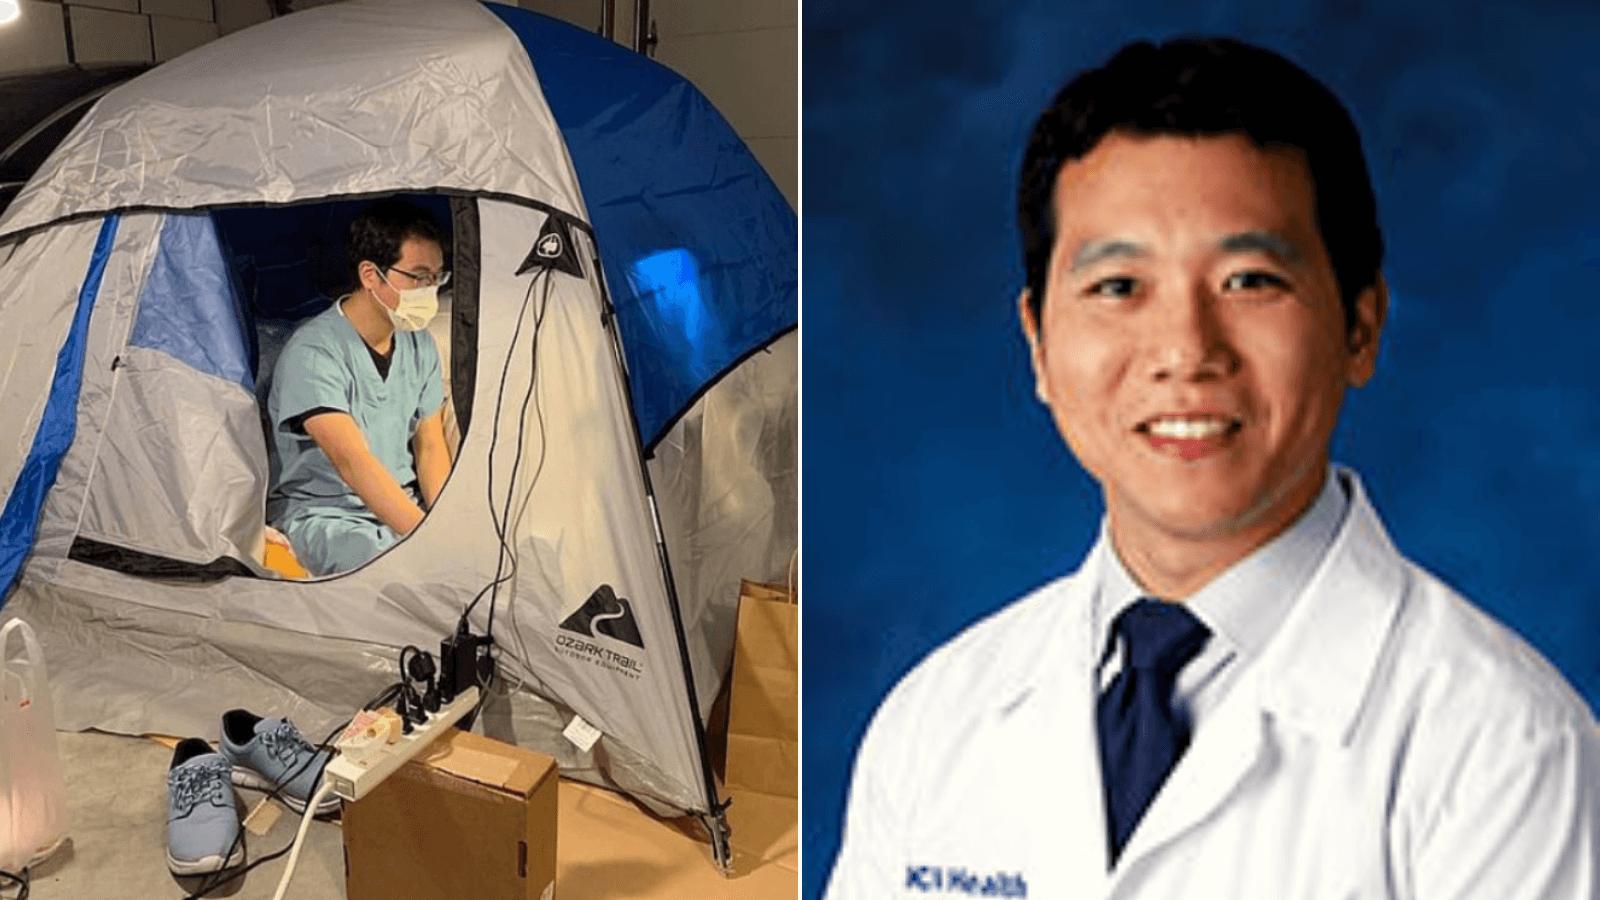 California Este médico atiende enfermos con Covid-19 y se ha mudado al garage de su casa para evitar contagiar a su familia 1